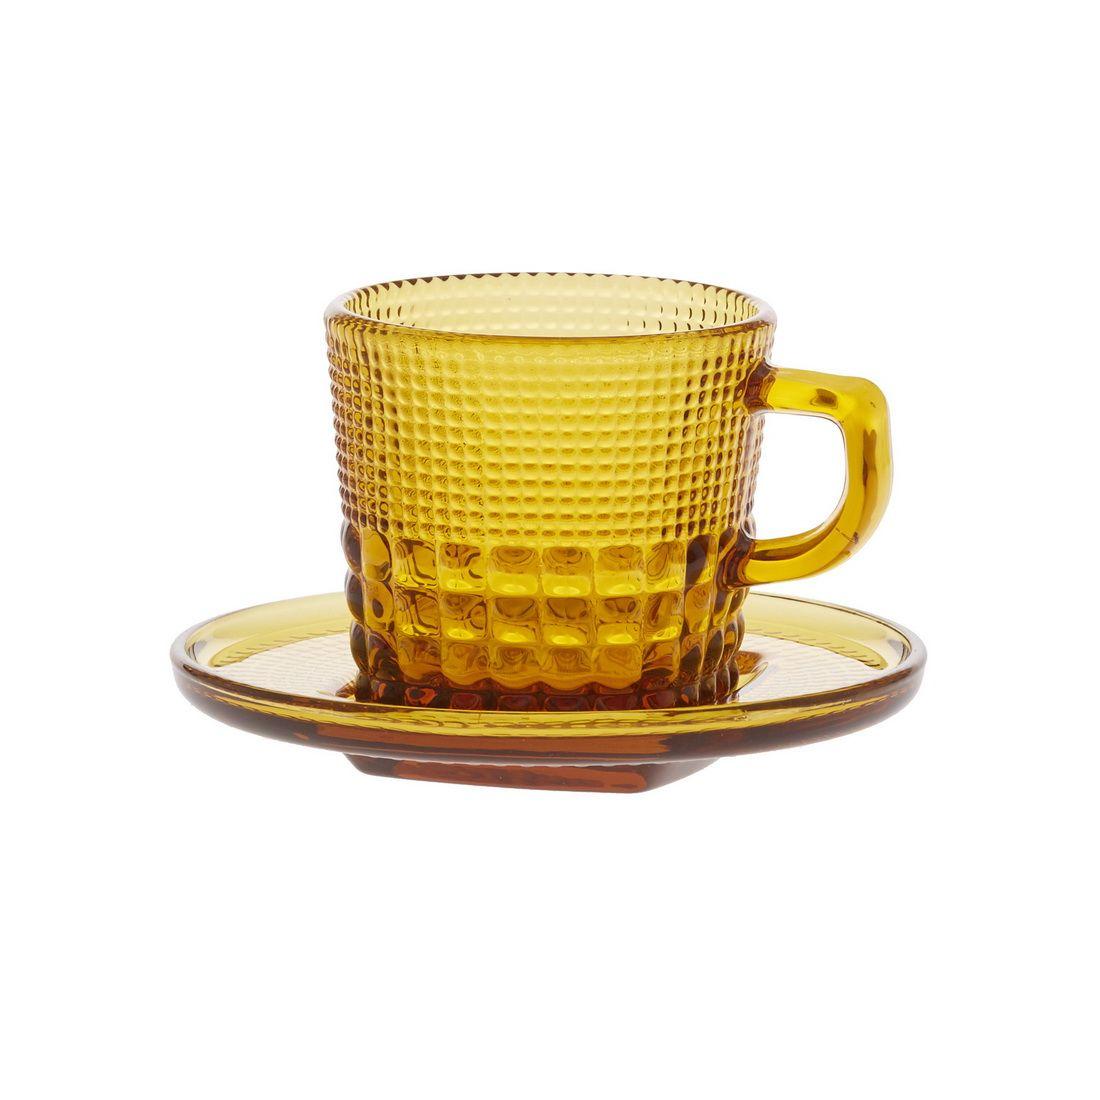 Чашка с блюдцем кофейная Royal drops, янтарьЧашка с блюдцем кофейная Роял дропс представляет собой стильную пару в оригинальном и ярком дизайне. Она станет настоящим украшением вашего стола и подойдет как для повседневного использования, так и для торжественных случаев, для дома и офиса, а также для кафе и баров. Модель выполнена из усиленного цветного стекла с необычным рельефным декором. Толстое стекло эффективно сохраняет первоначальную температуру напитка. Оптимальный объем модели подойдет как для эспрессо, так для американо. Чашка с блюдцем кофейная Роял дропс – лучший выбор для ценителей кофе и чаепитий.<br>